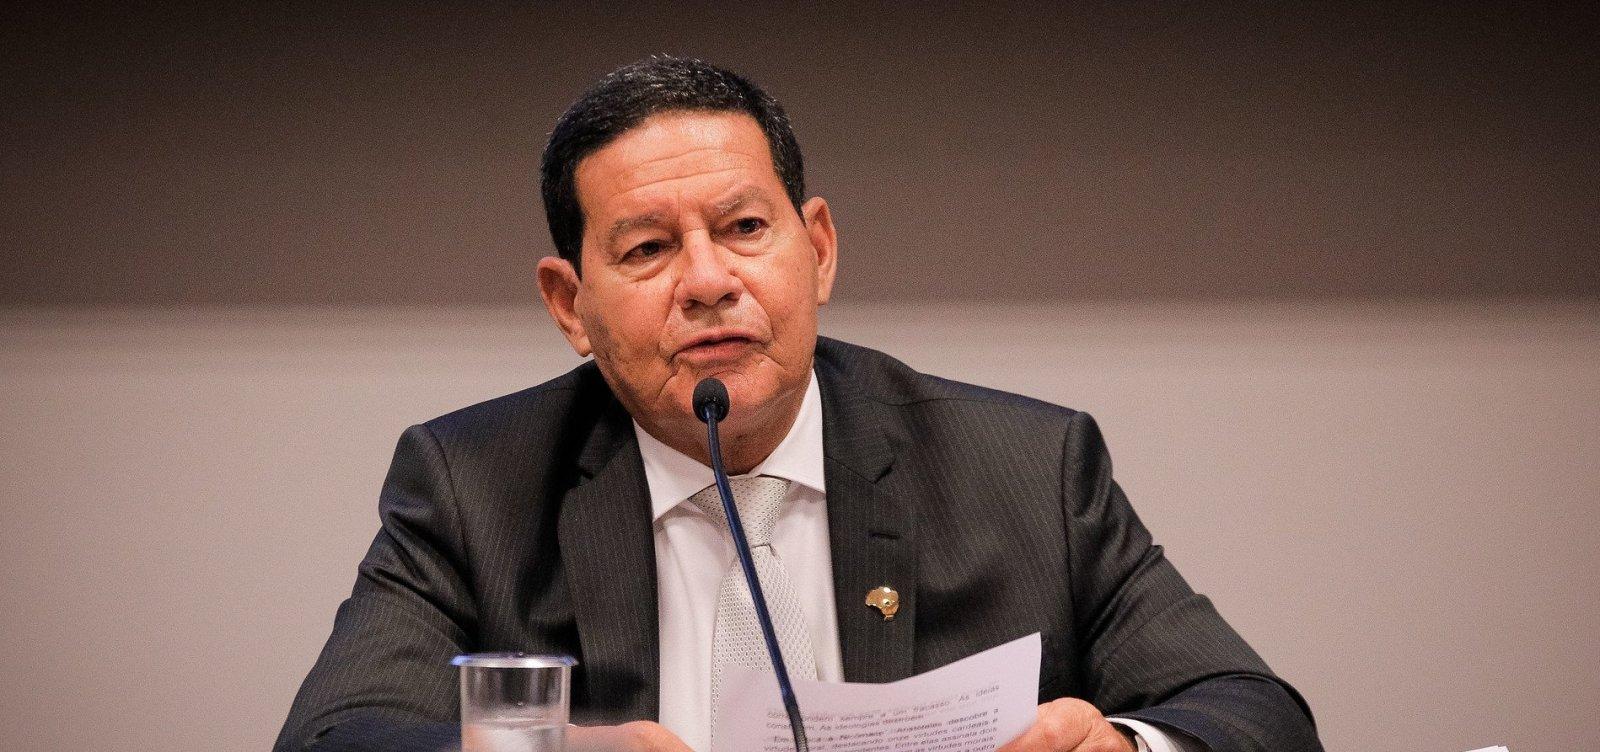 Mourão comenta notícias sobre gastos do governo com alimentos: 'pura fumaça'